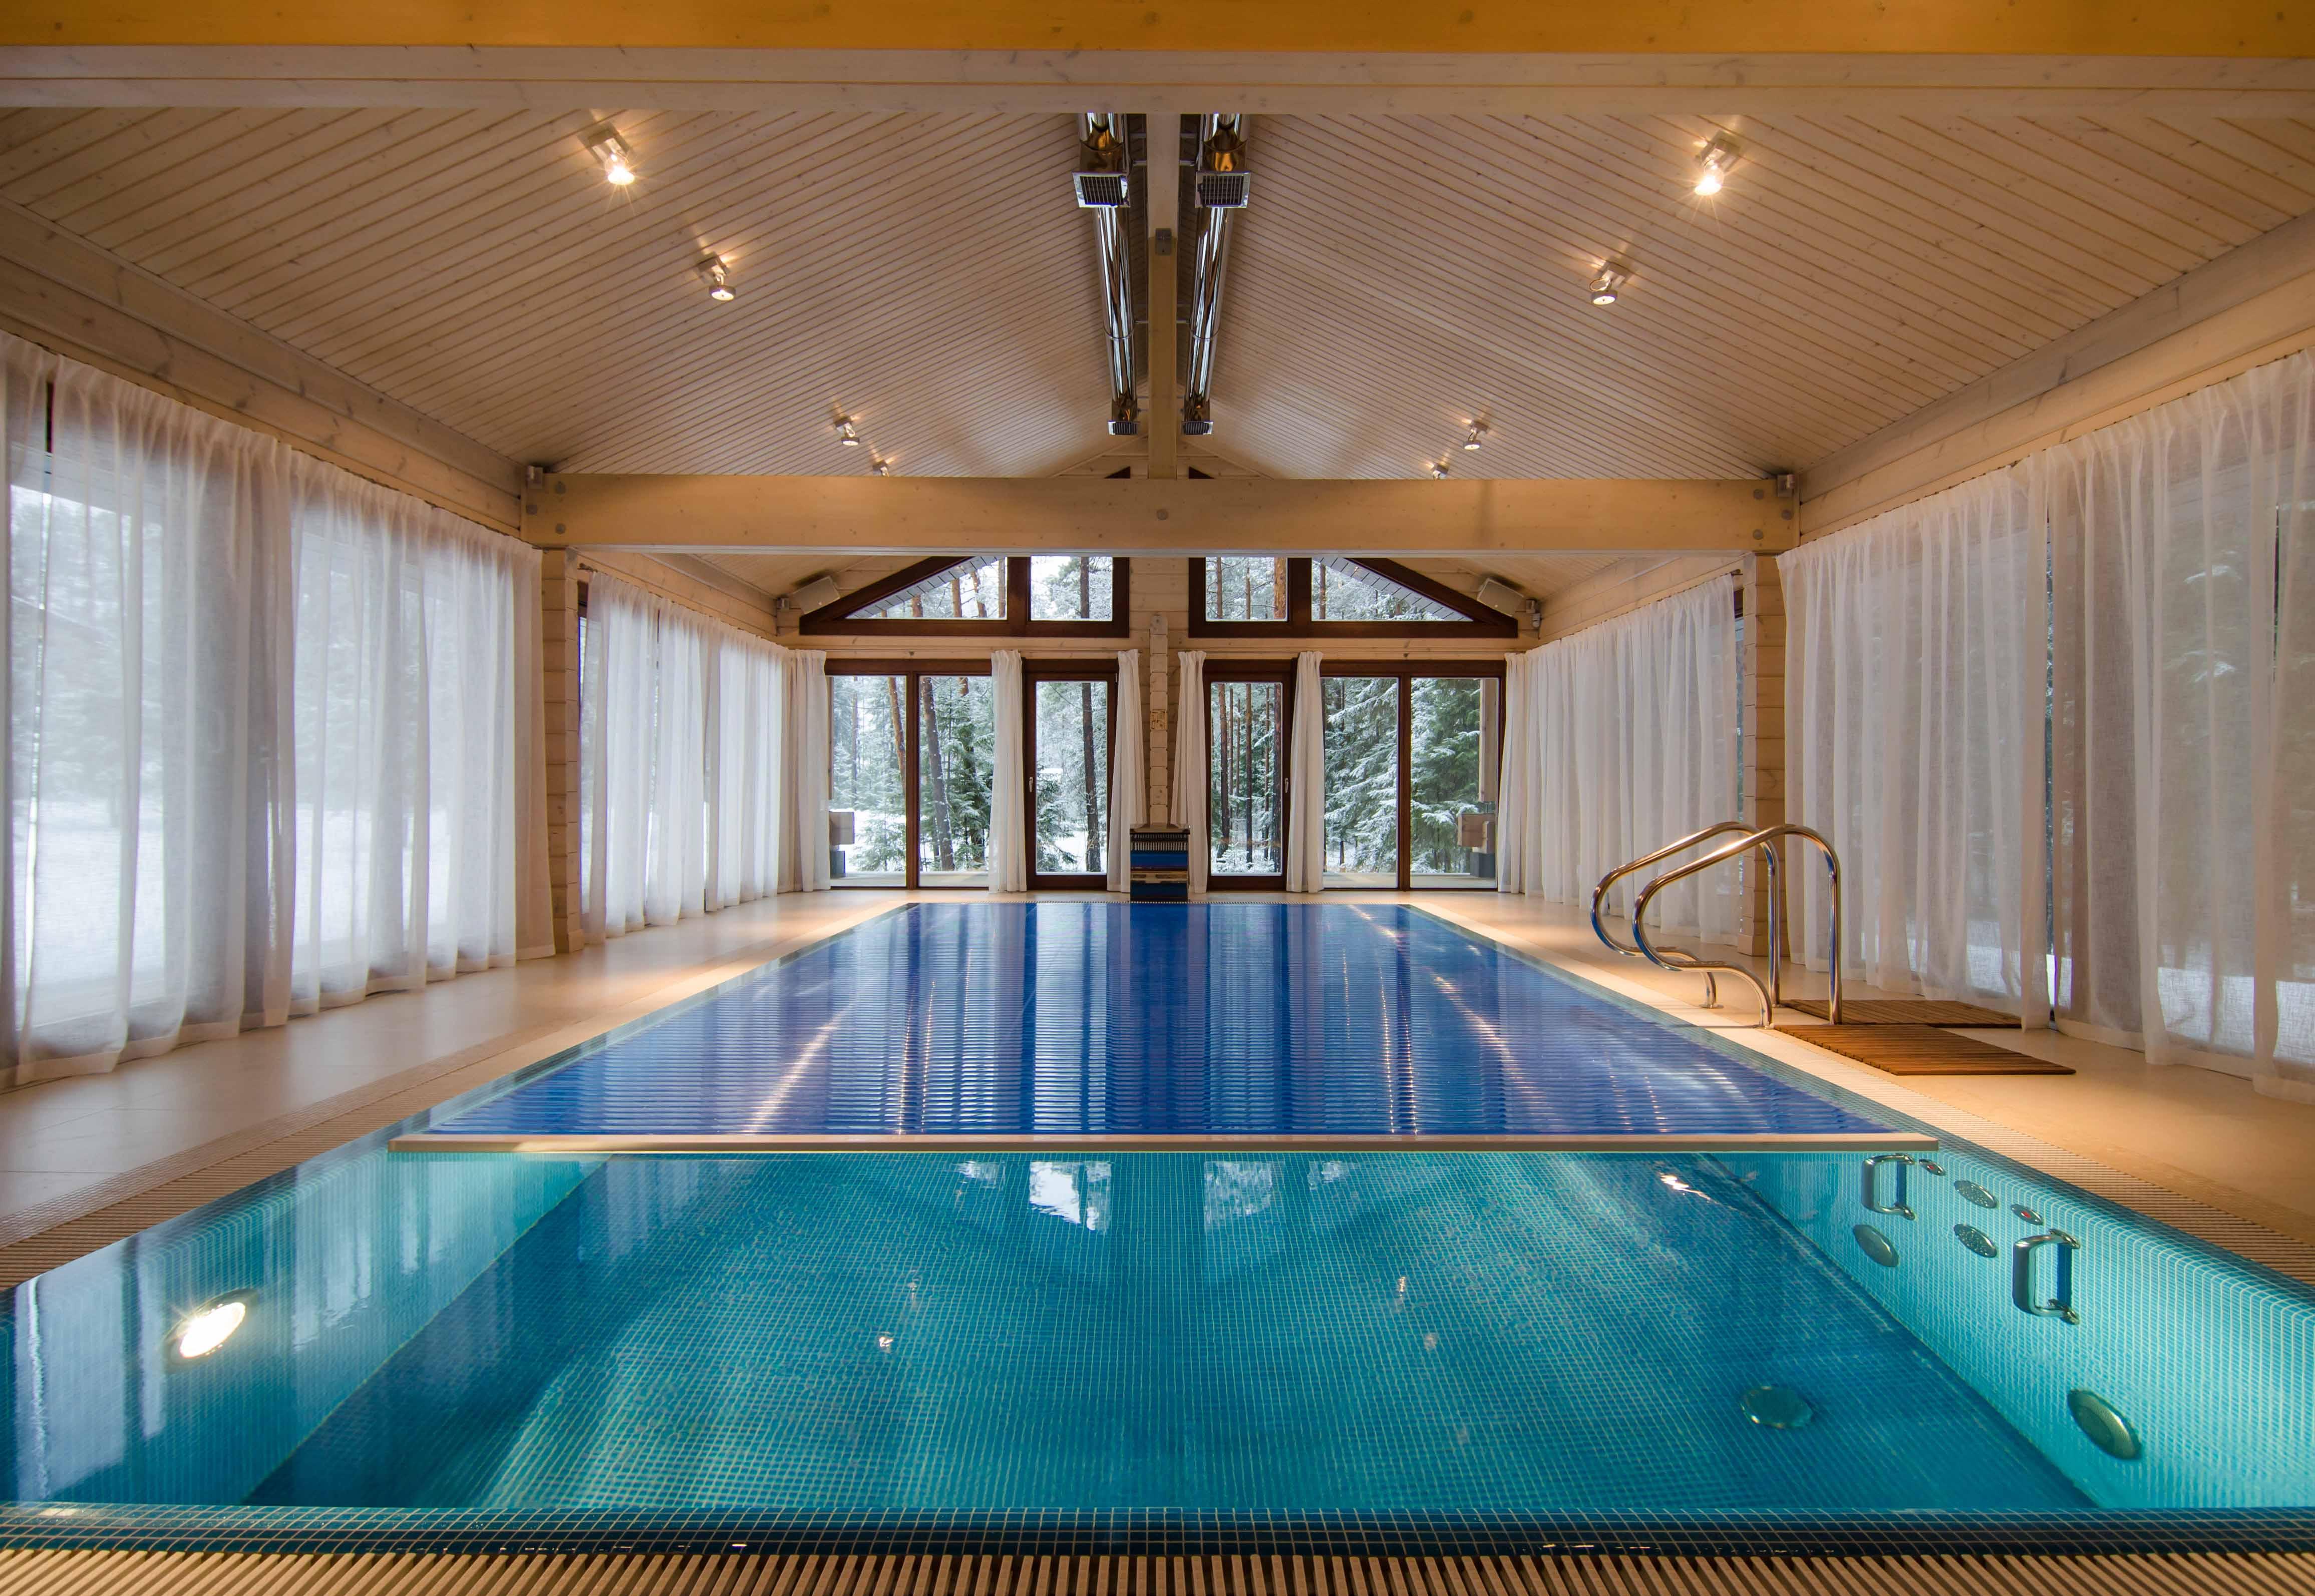 климатическая установка для бассейна